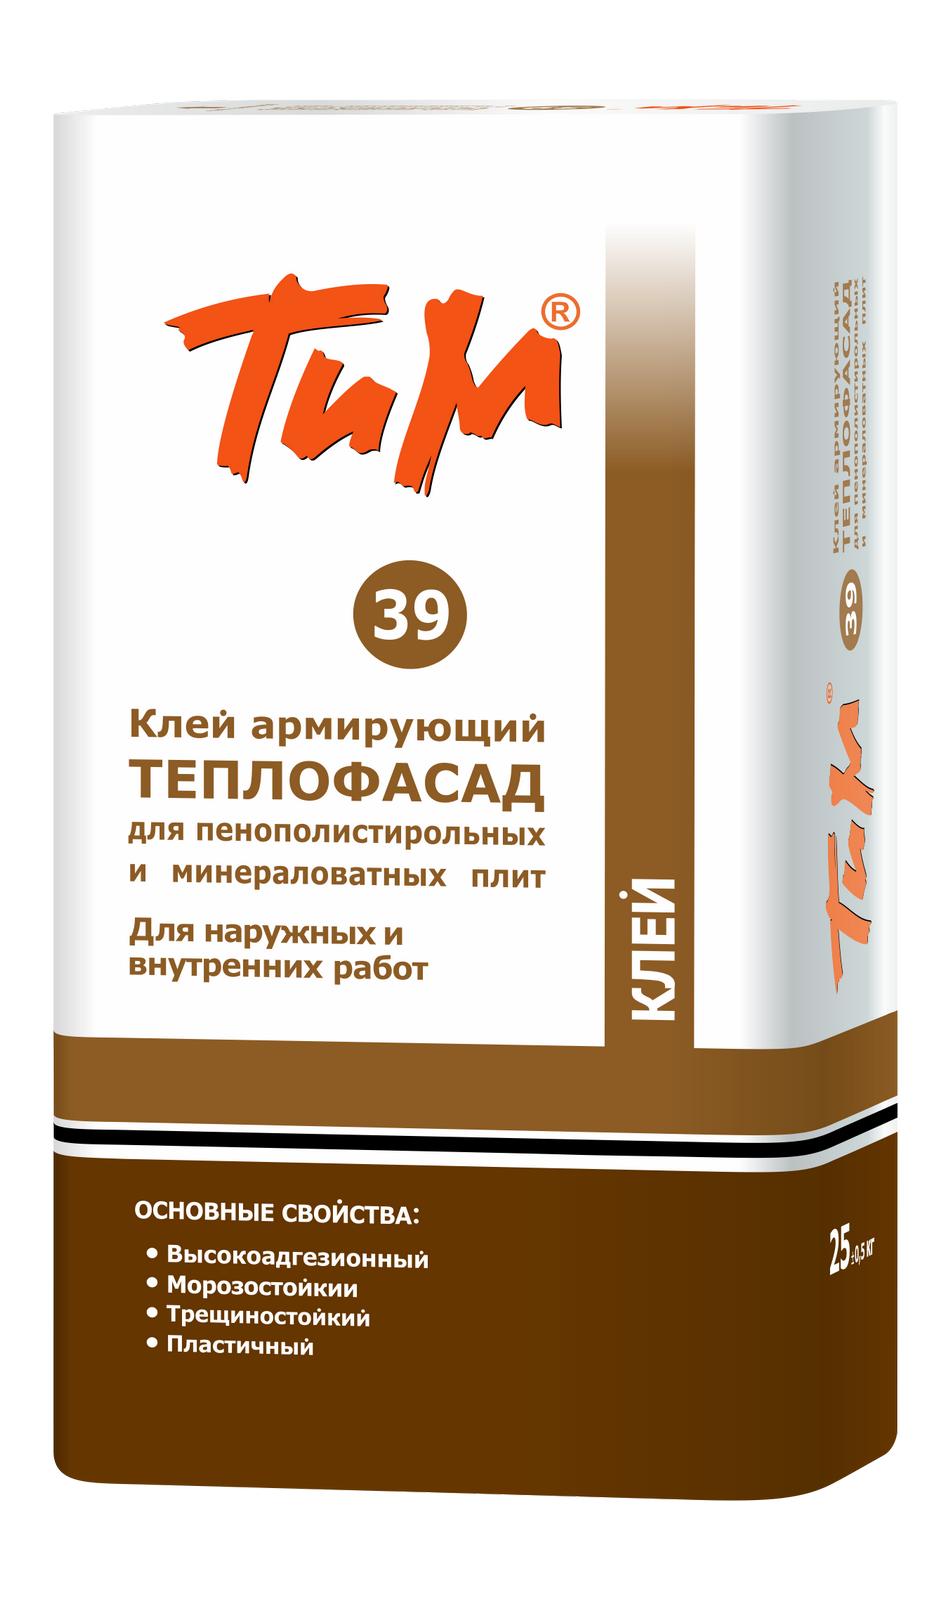 Клей армирующий ТЕПЛОФАСАД для пенополистирольных и минераловатных плит ТиМ №39